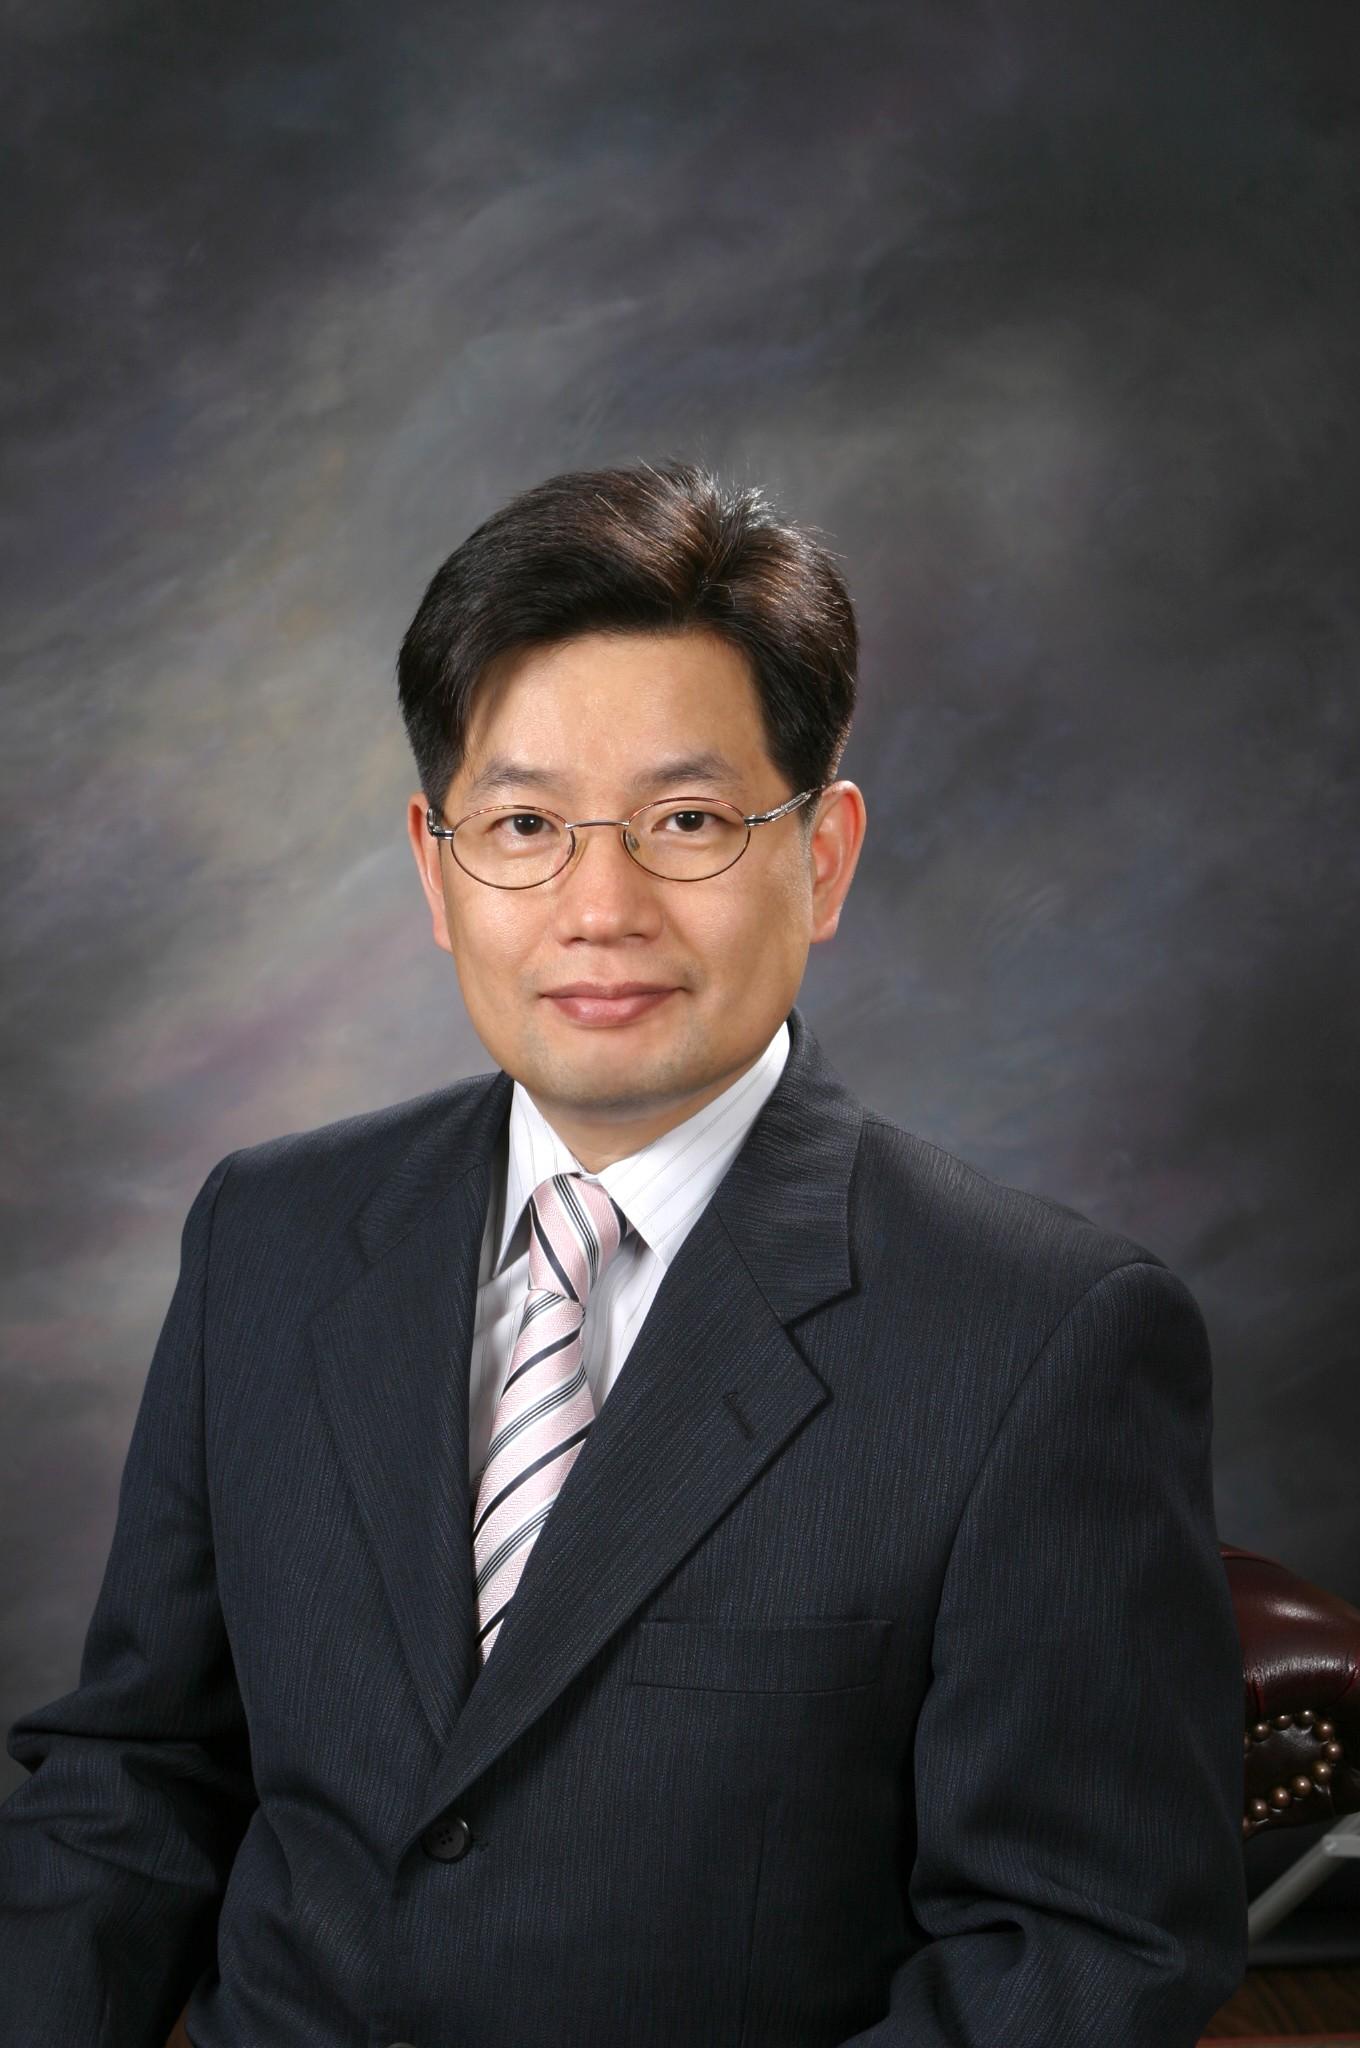 Visit Profile of Hyoung-Koo Lee